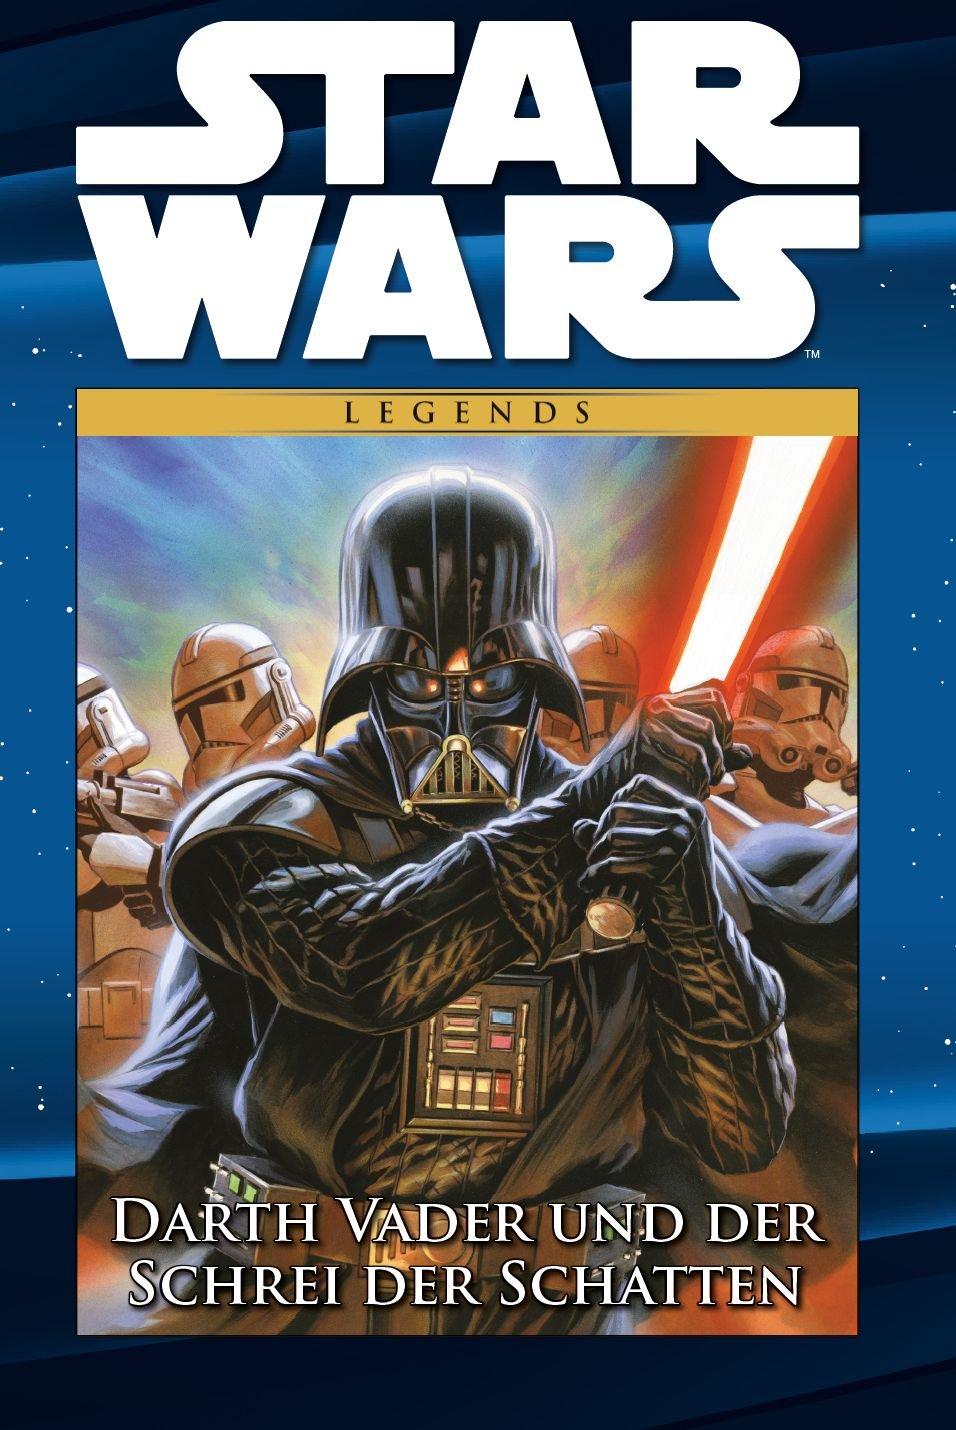 Star Wars Comic-Kollektion: Bd. 48: Darth Vader und der Schrei der Schatten Gebundenes Buch – 25. Juni 2018 Tim Siedell Gabriel Guzman Kilian Plunkett Dave Nestelle